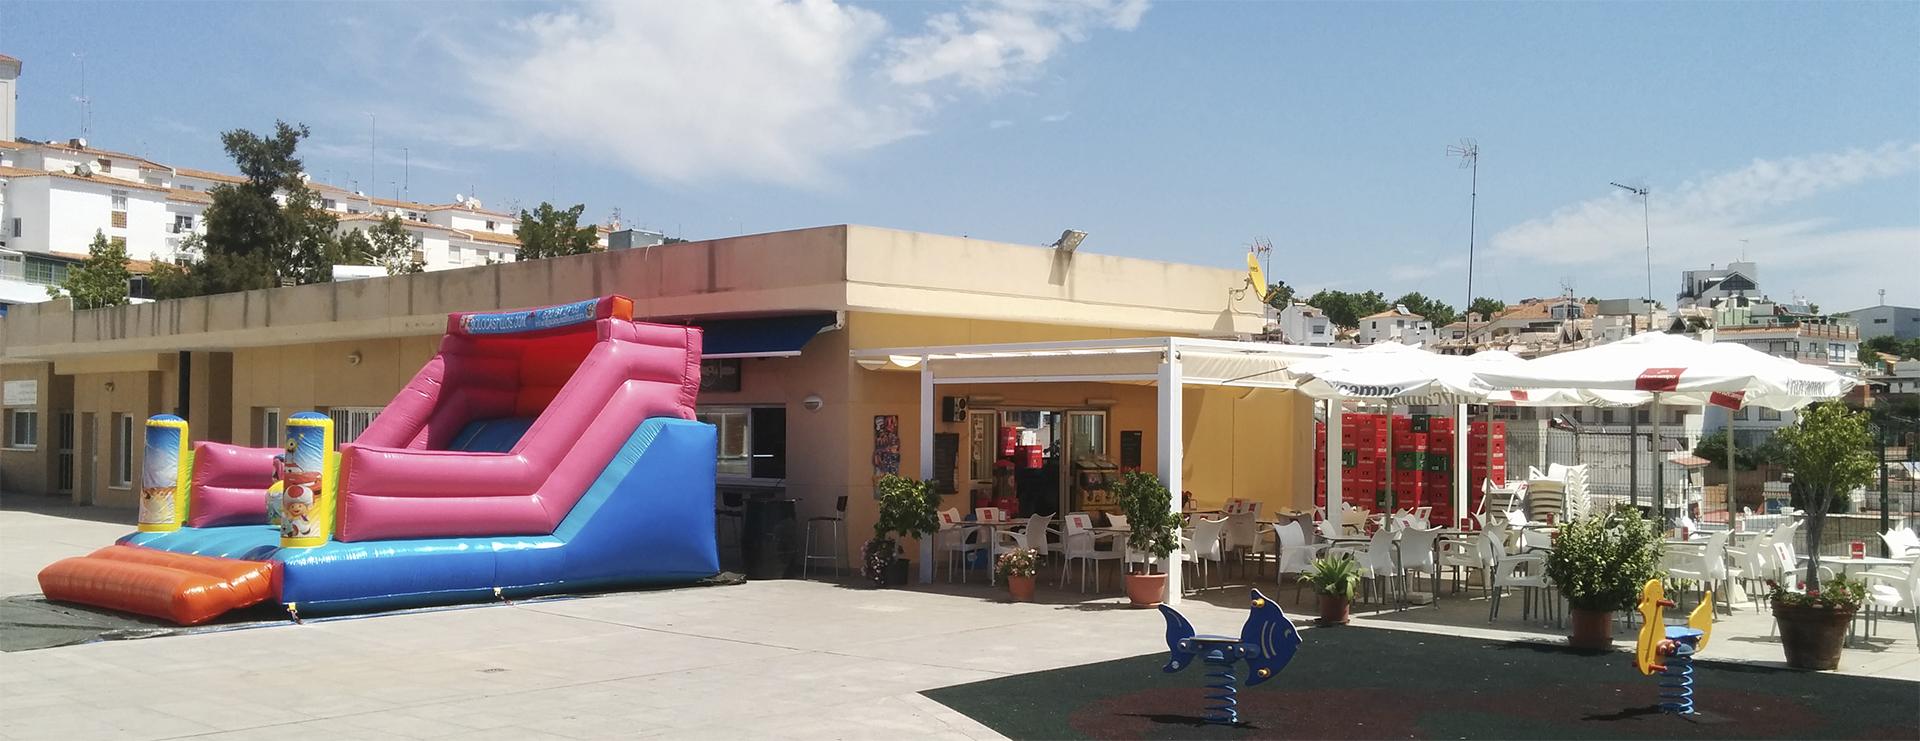 Castillo hinchable instalado en el bar Carola de Benalmádena